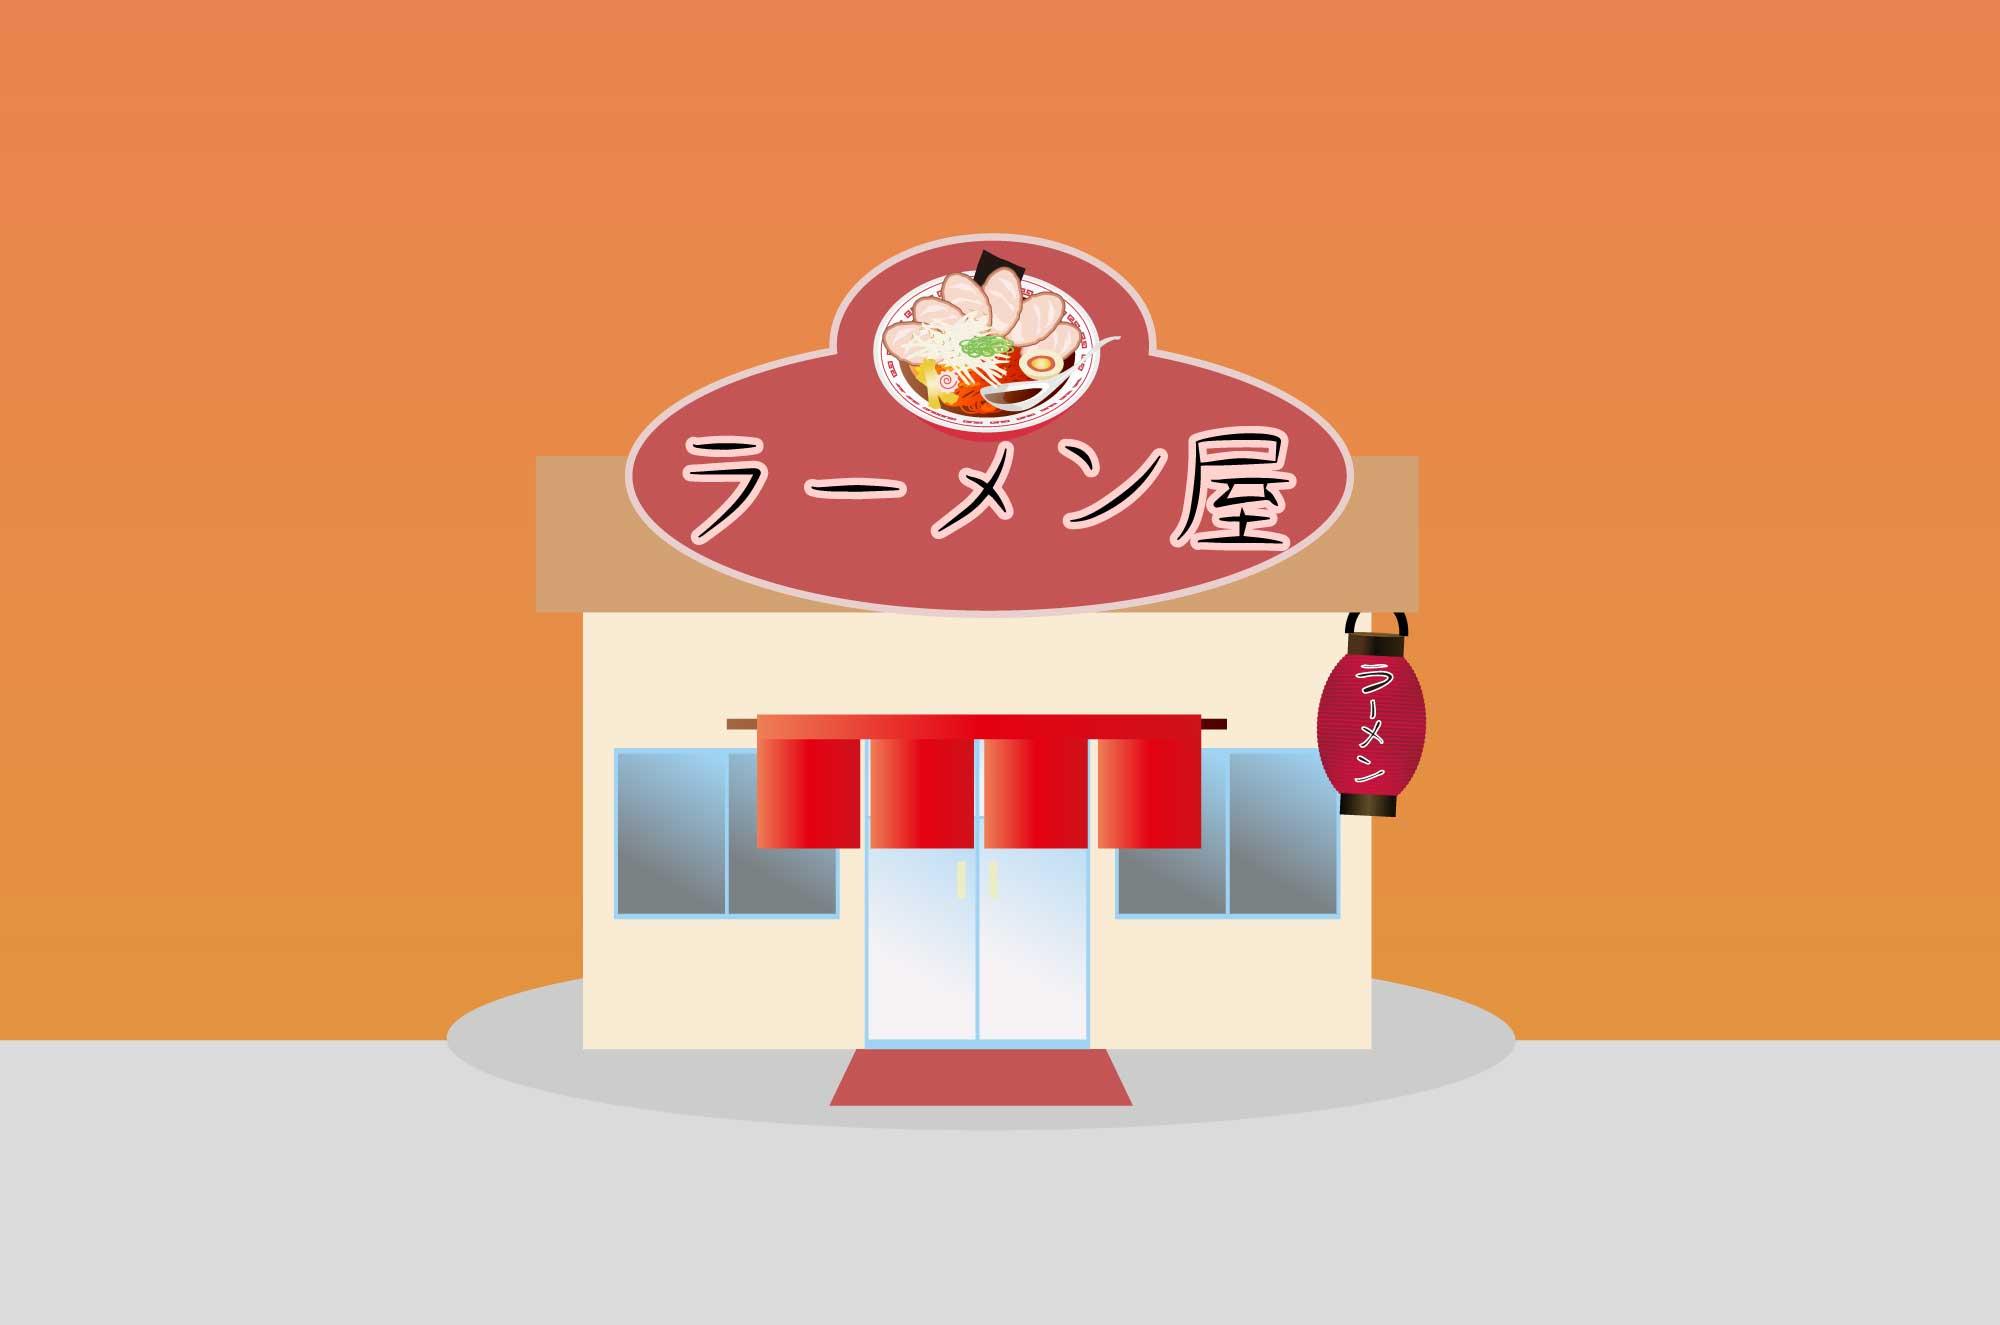 ラーメン屋の無料イラスト - 屋台・お店の素材